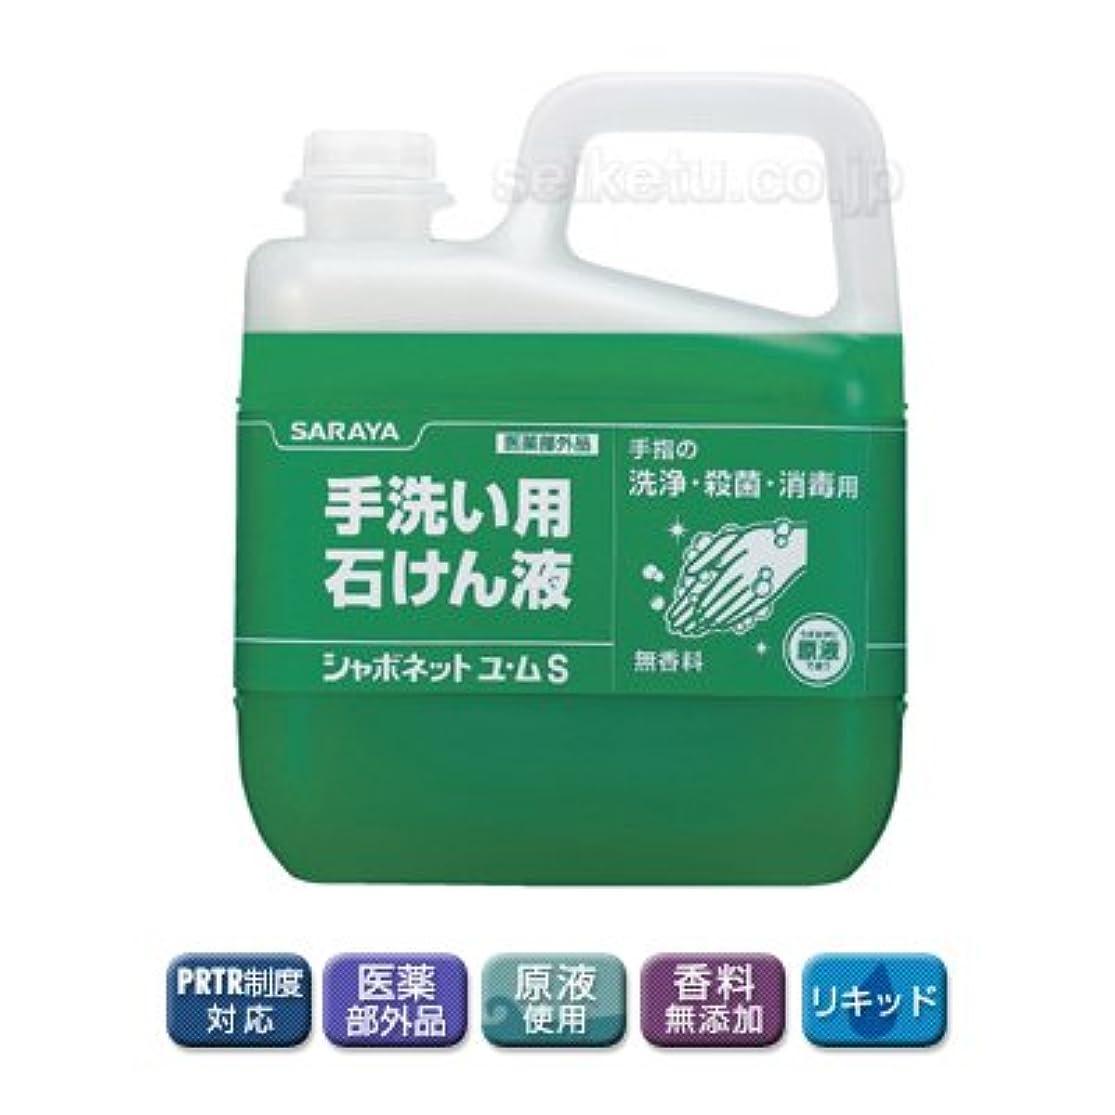 【清潔キレイ館】サラヤ シャボネット石鹸液ユ?ムS(5kg)